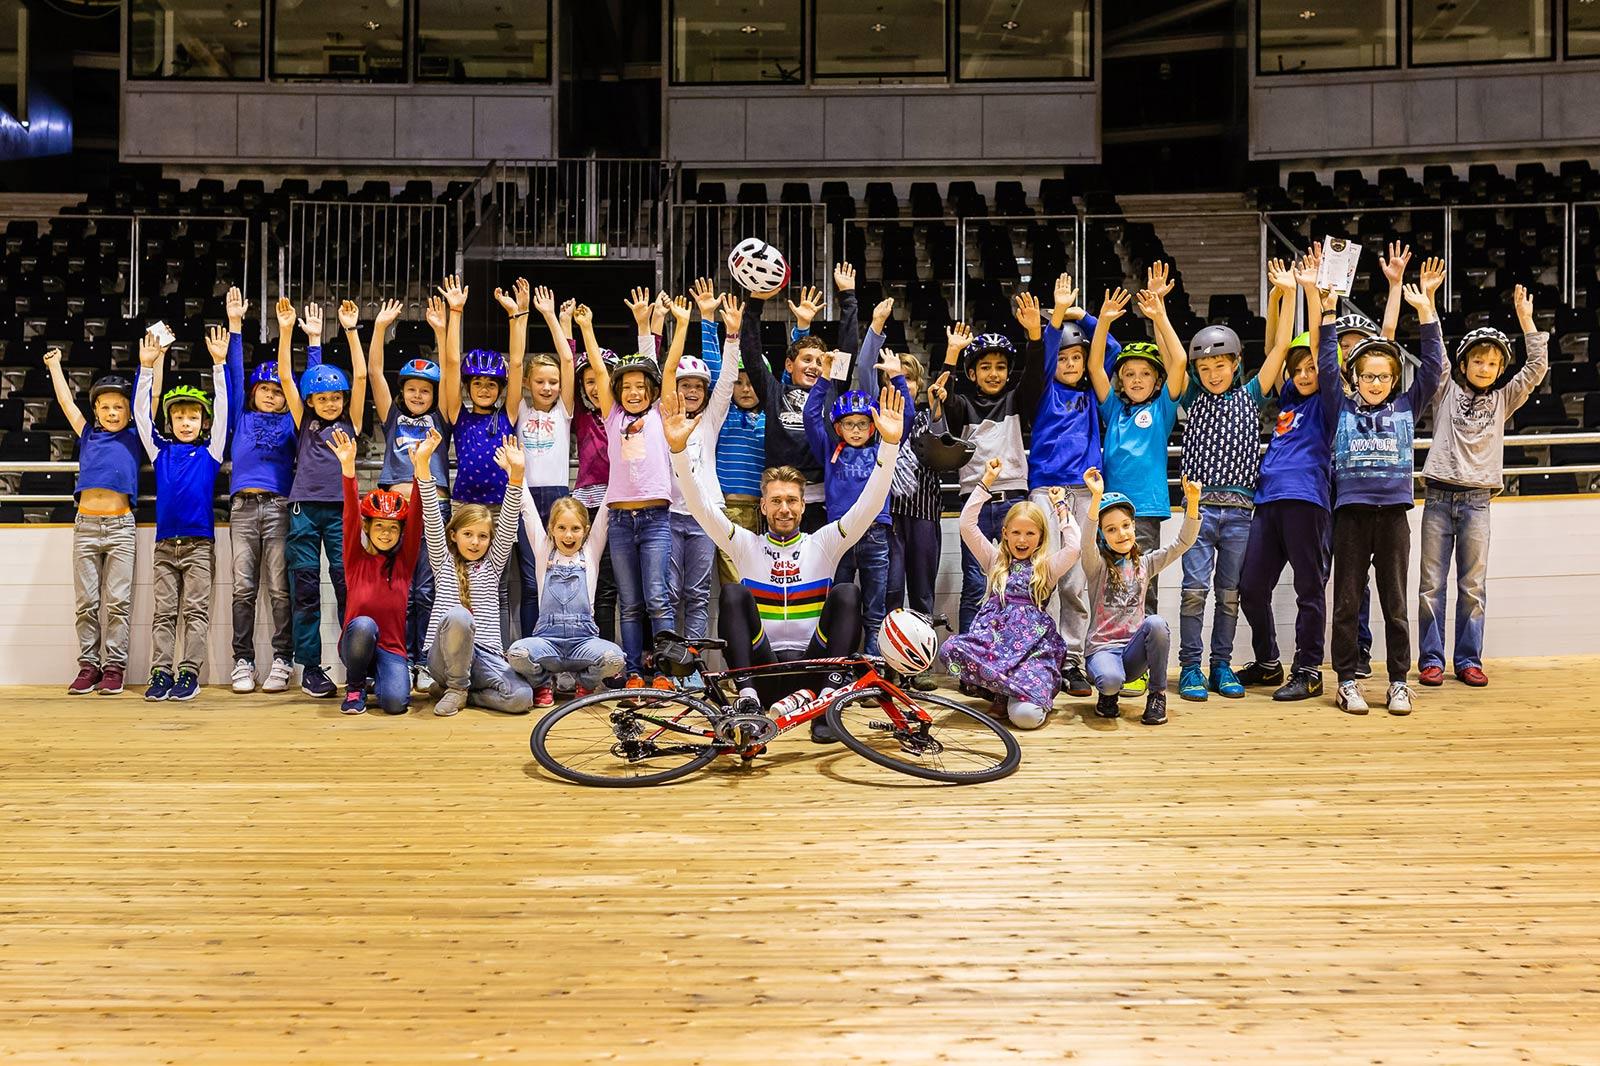 Eine Gruppe Kinder und ein Radprofi auf einer Radrennbahn. Alle heben die Hände in die Höhe.